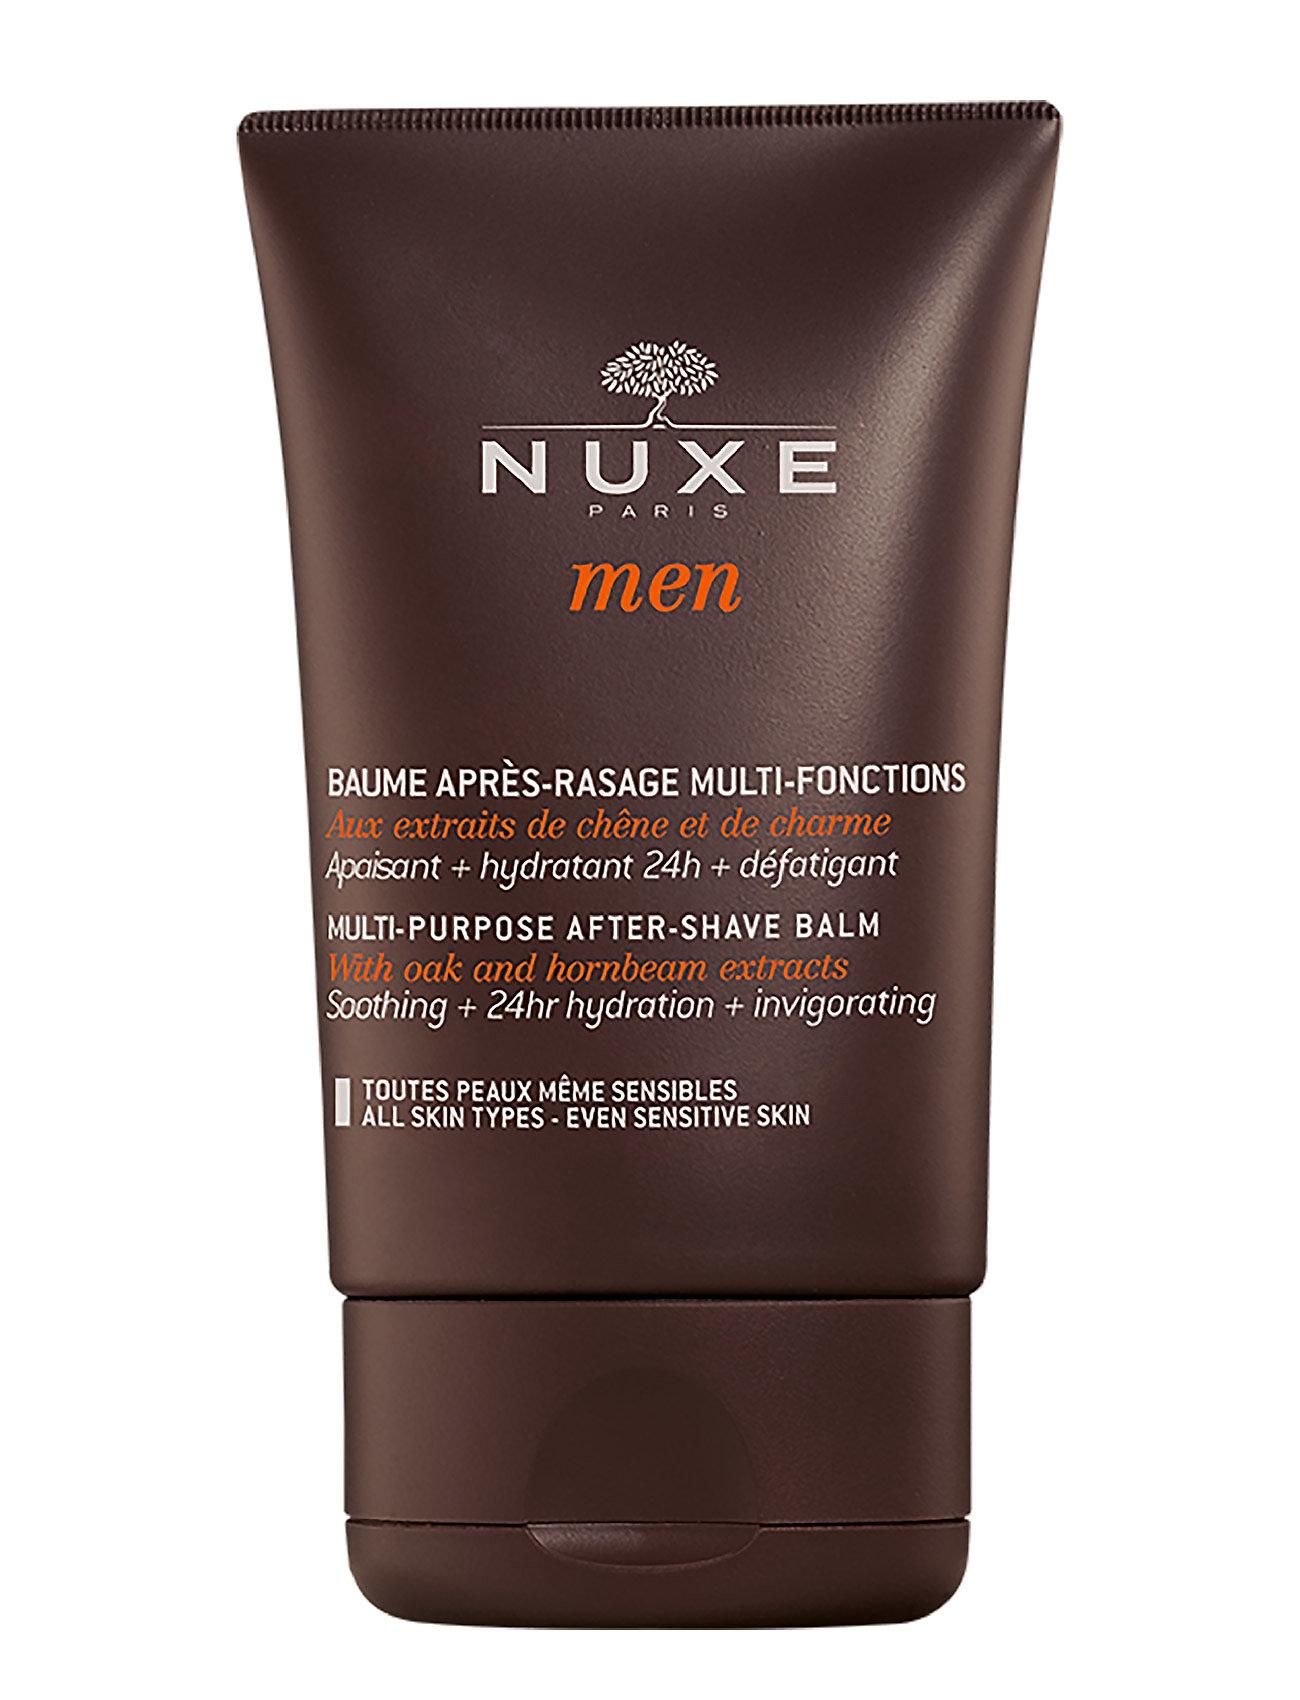 Nuxe men after-shave balm fra nuxe på boozt.com dk